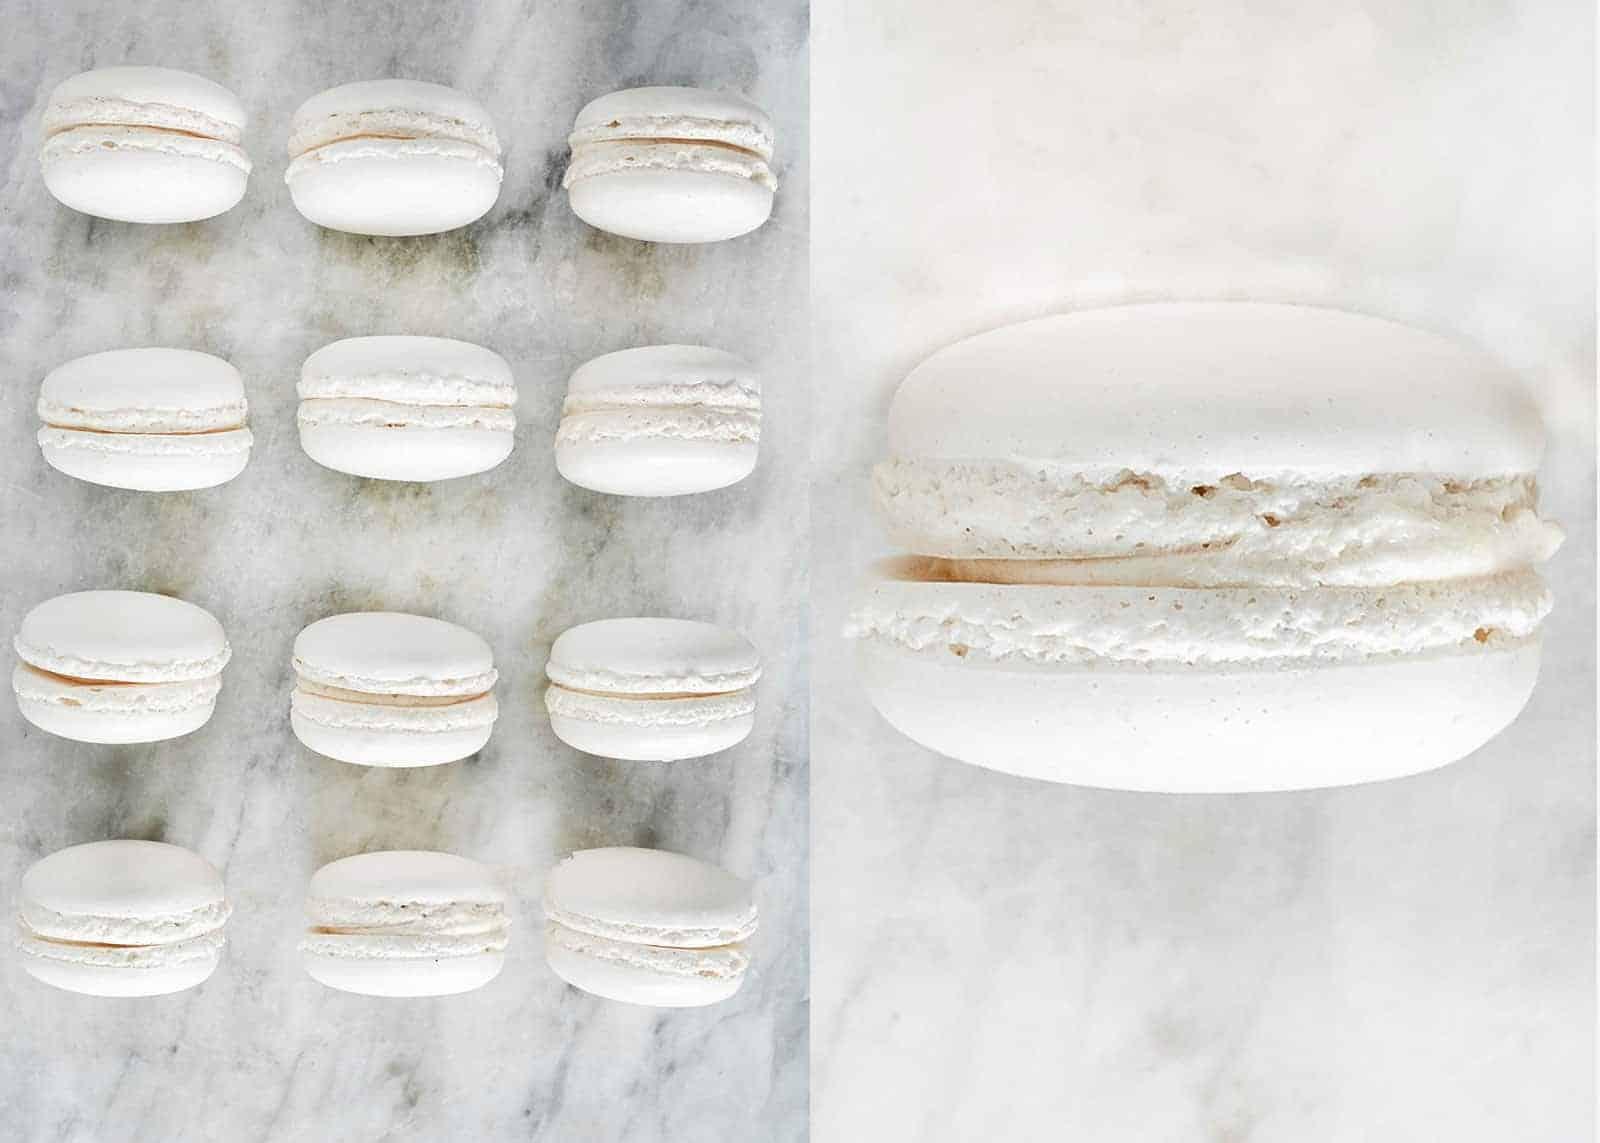 Macaron ricetta